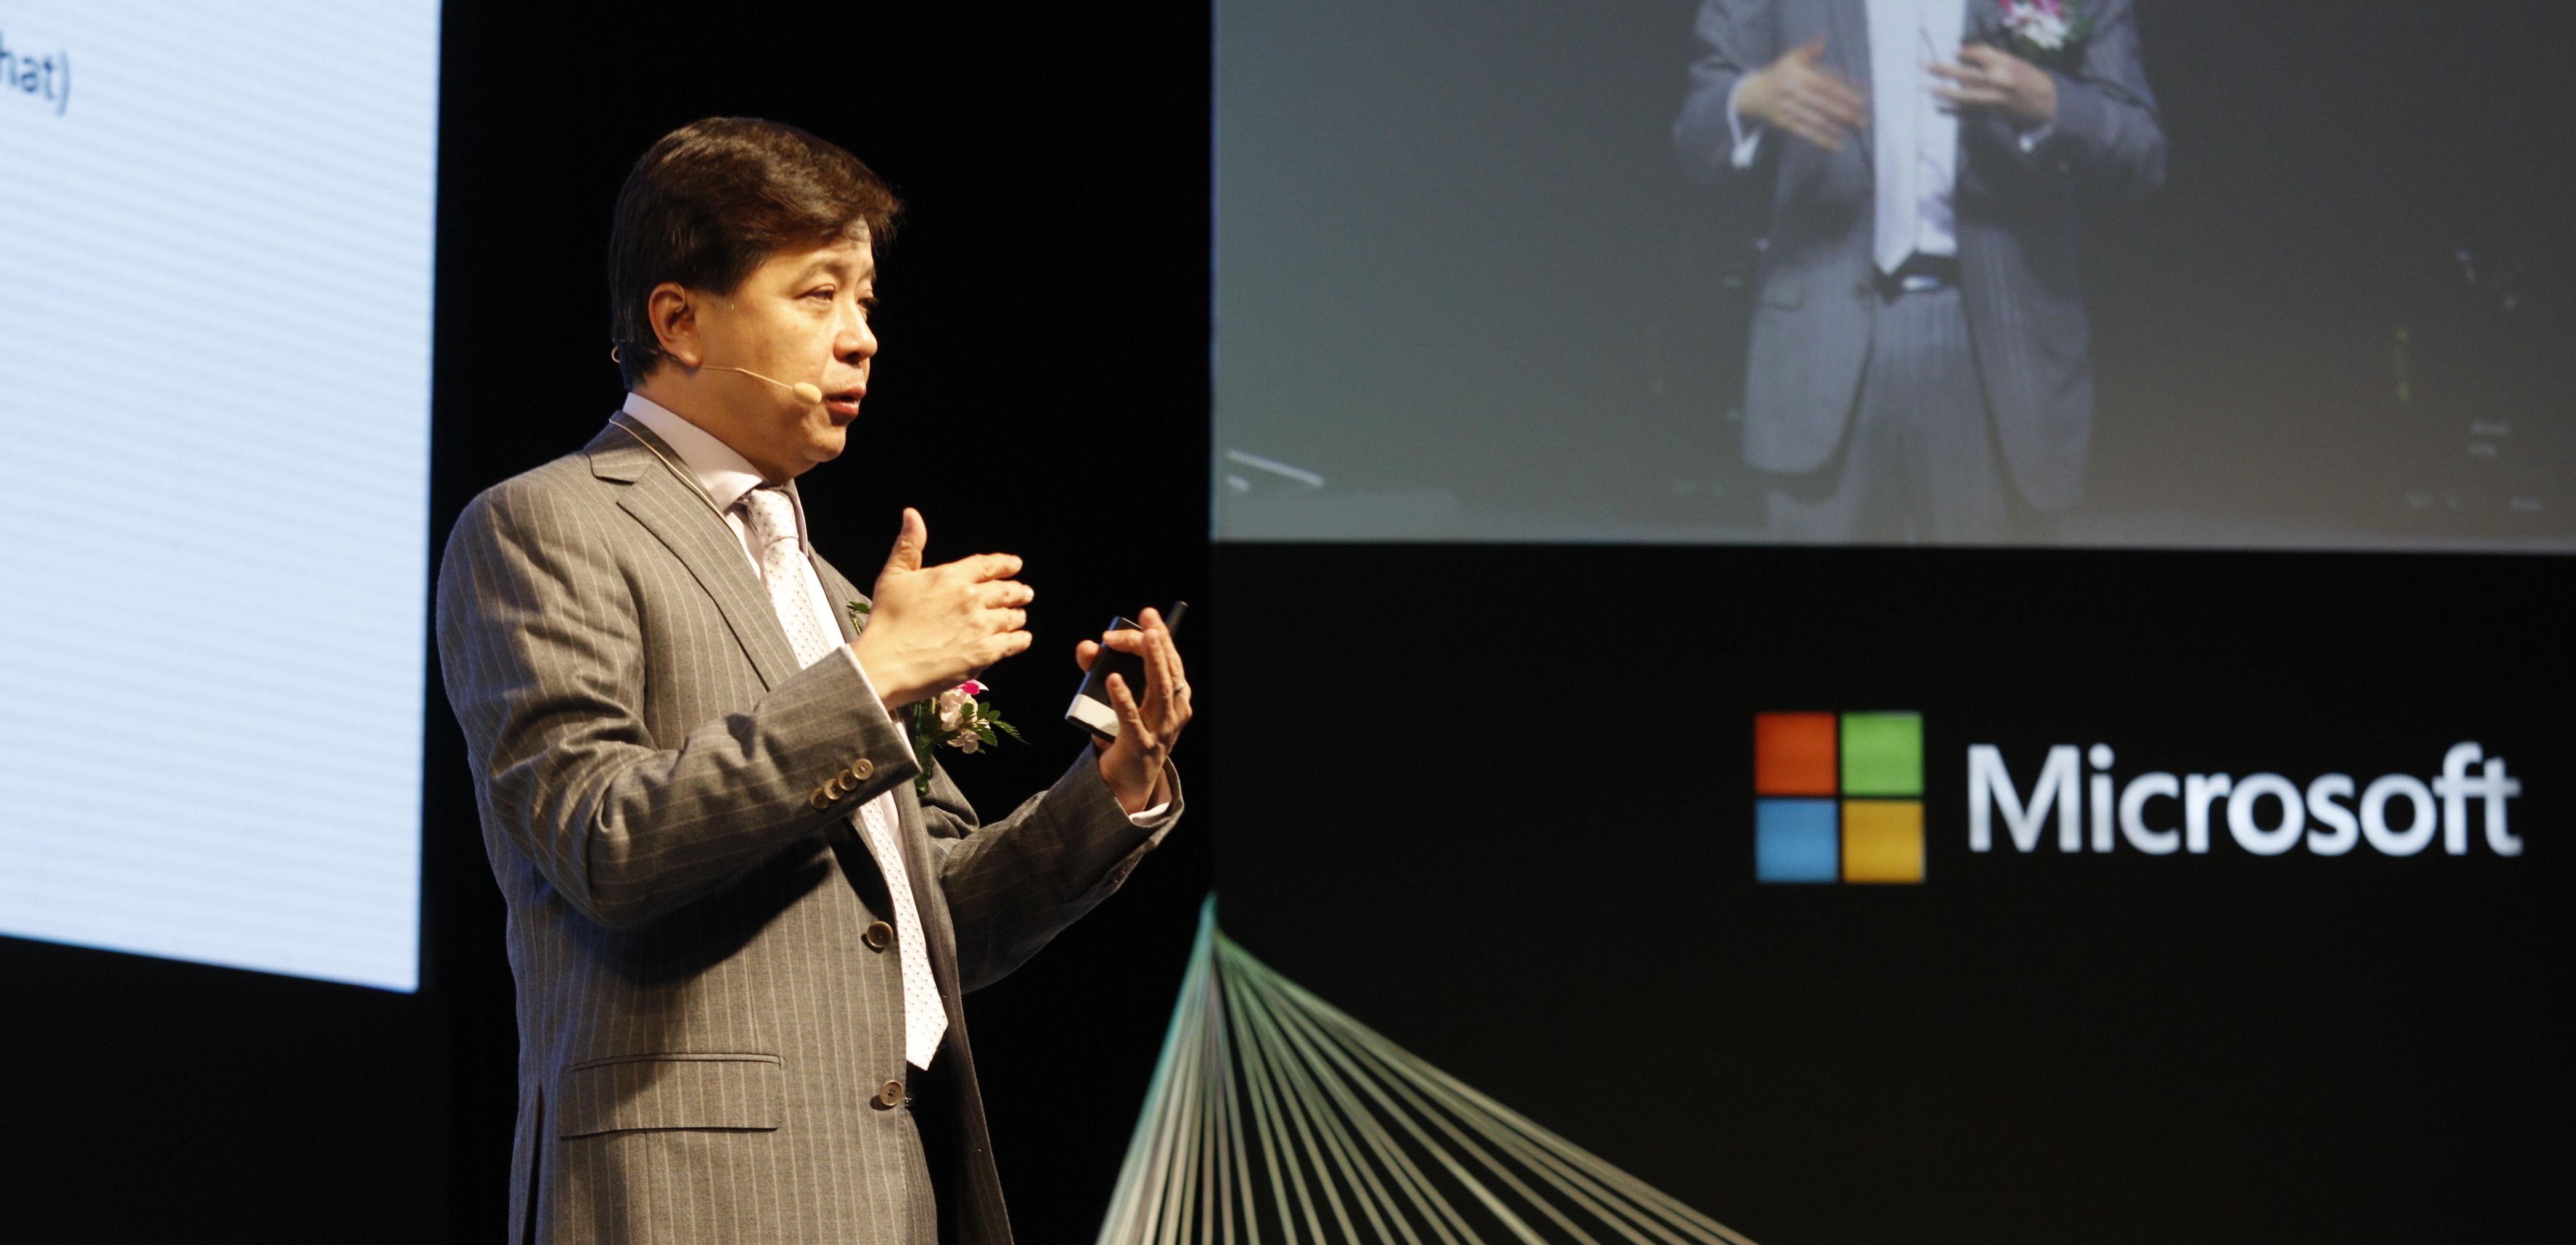 微软洪小文:当 AI 成为基础服务,会改变什么?